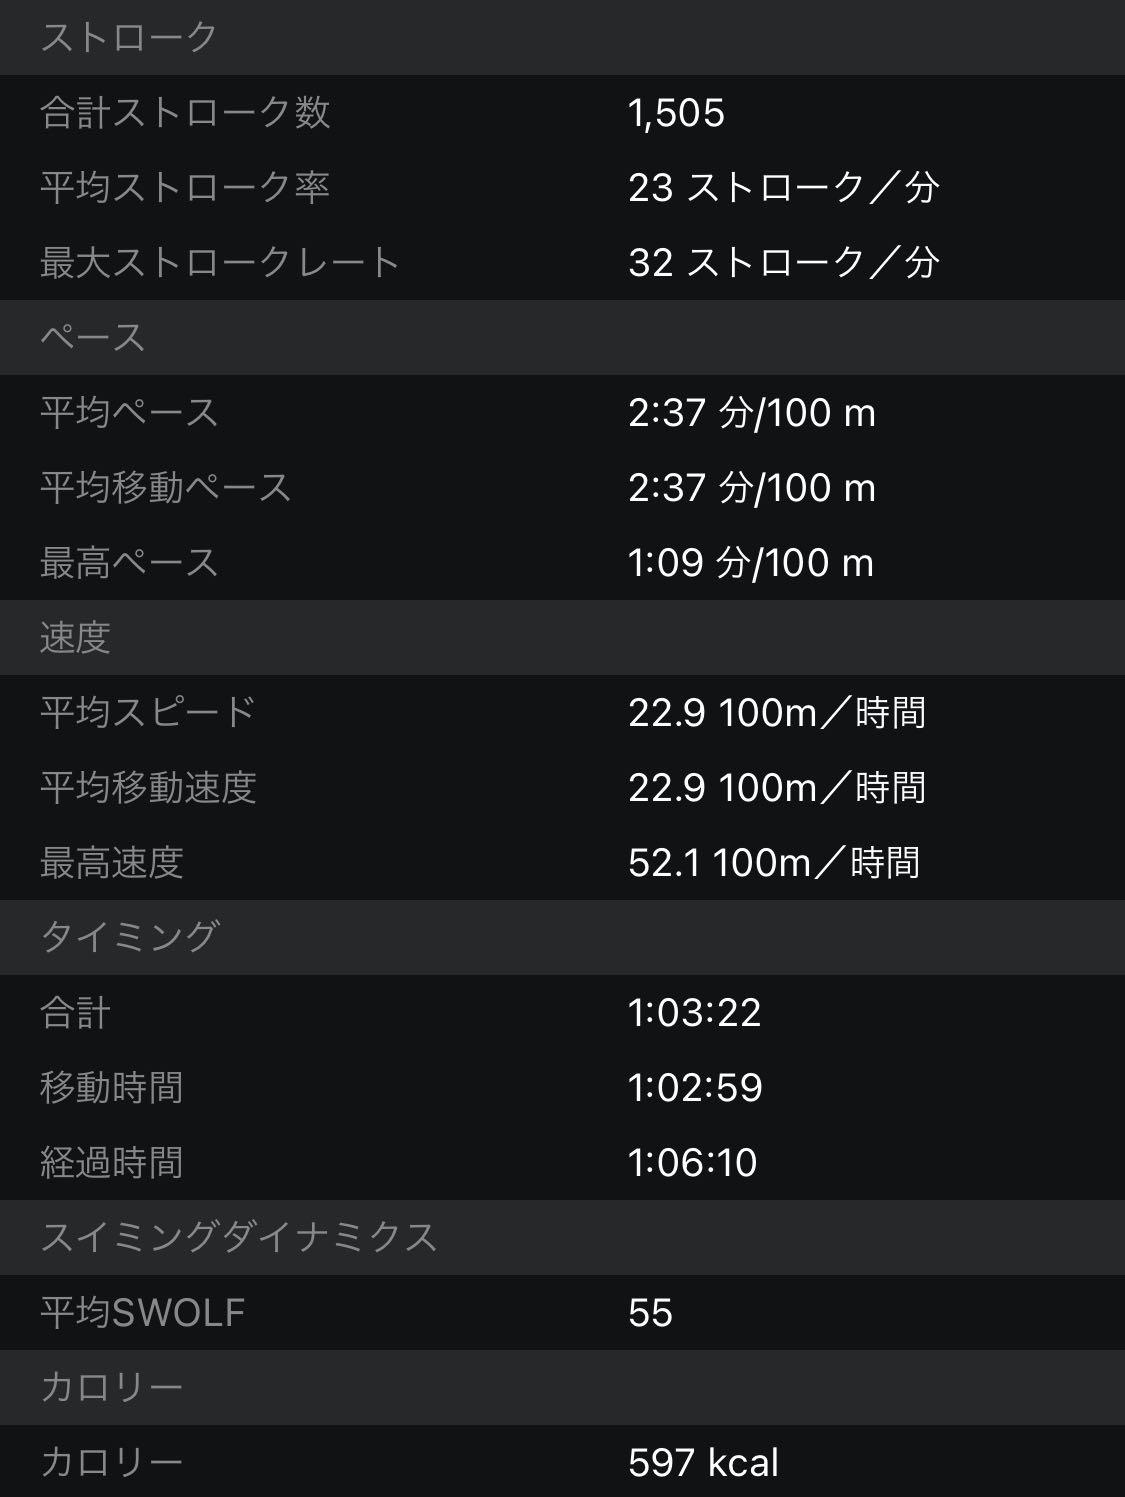 2021.6.6 二色の浜 OWS練習 ログ 詳細